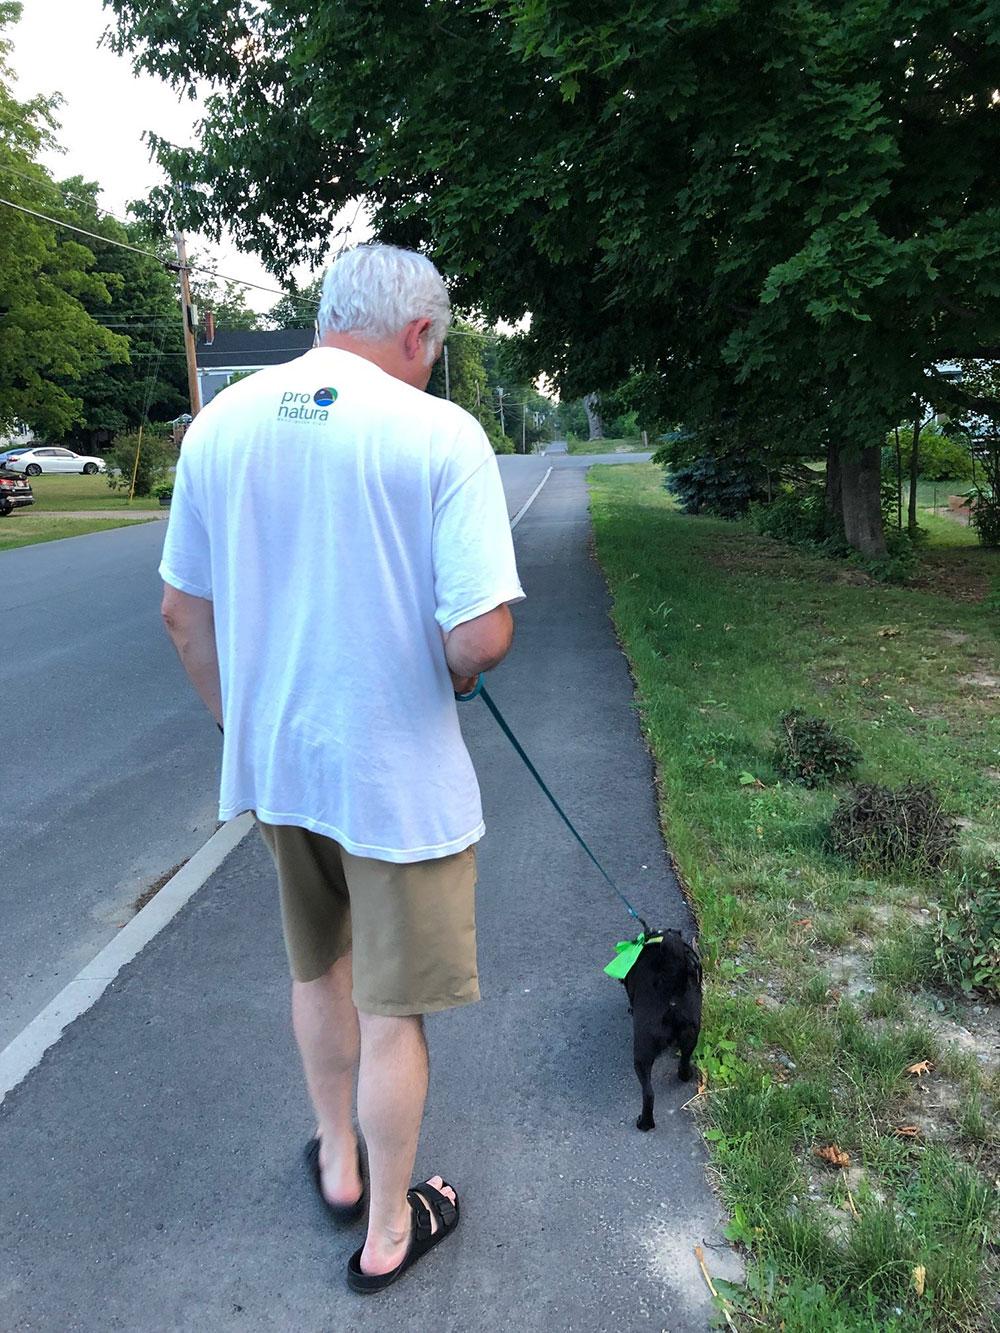 Walking dog on street